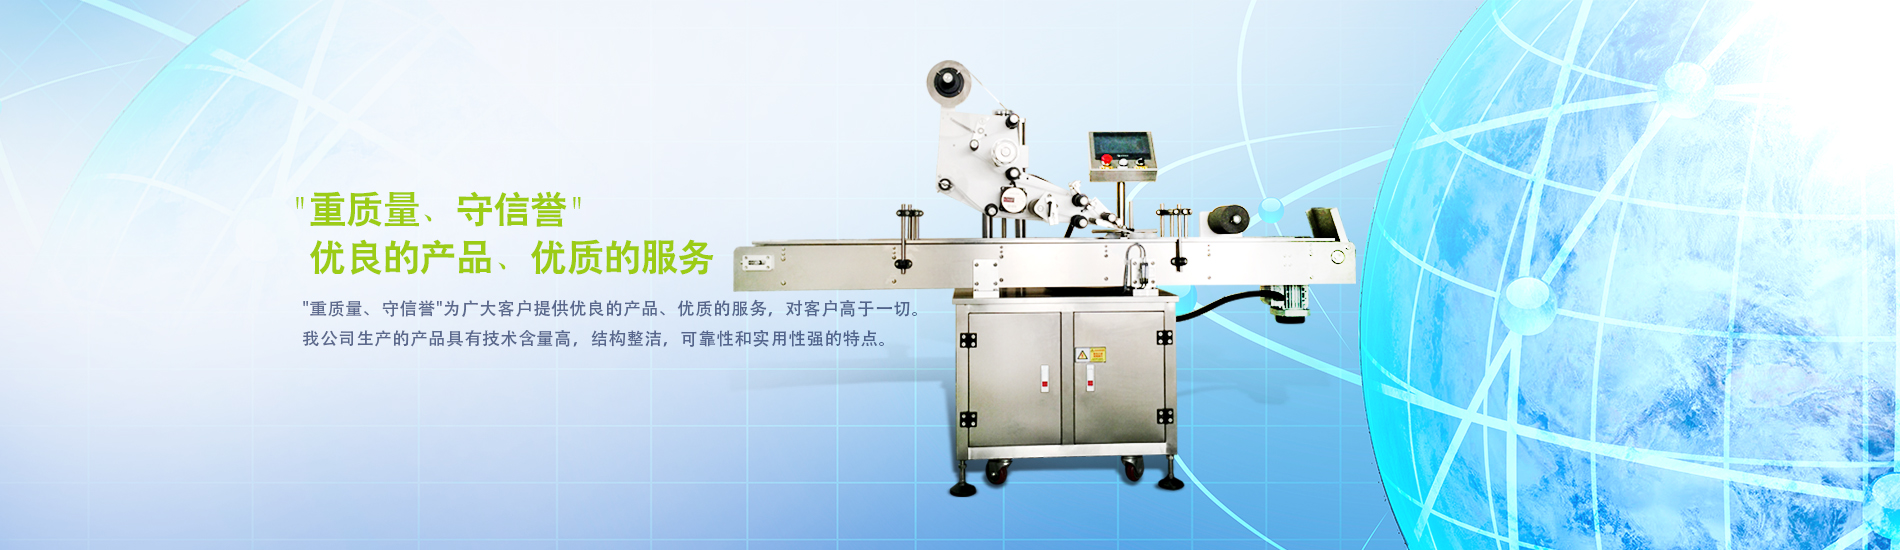 和博自动化胶水灌装机技术企业